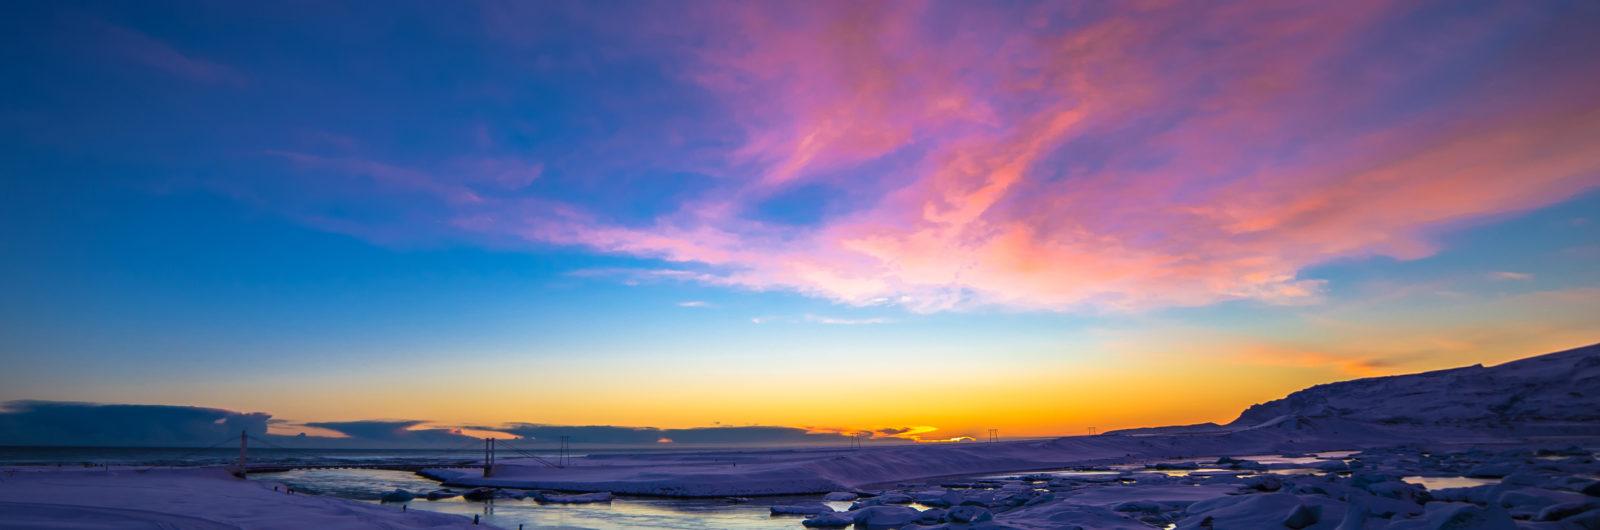 ENCHANTED ICELAND - LAND OF LUMINOSITY